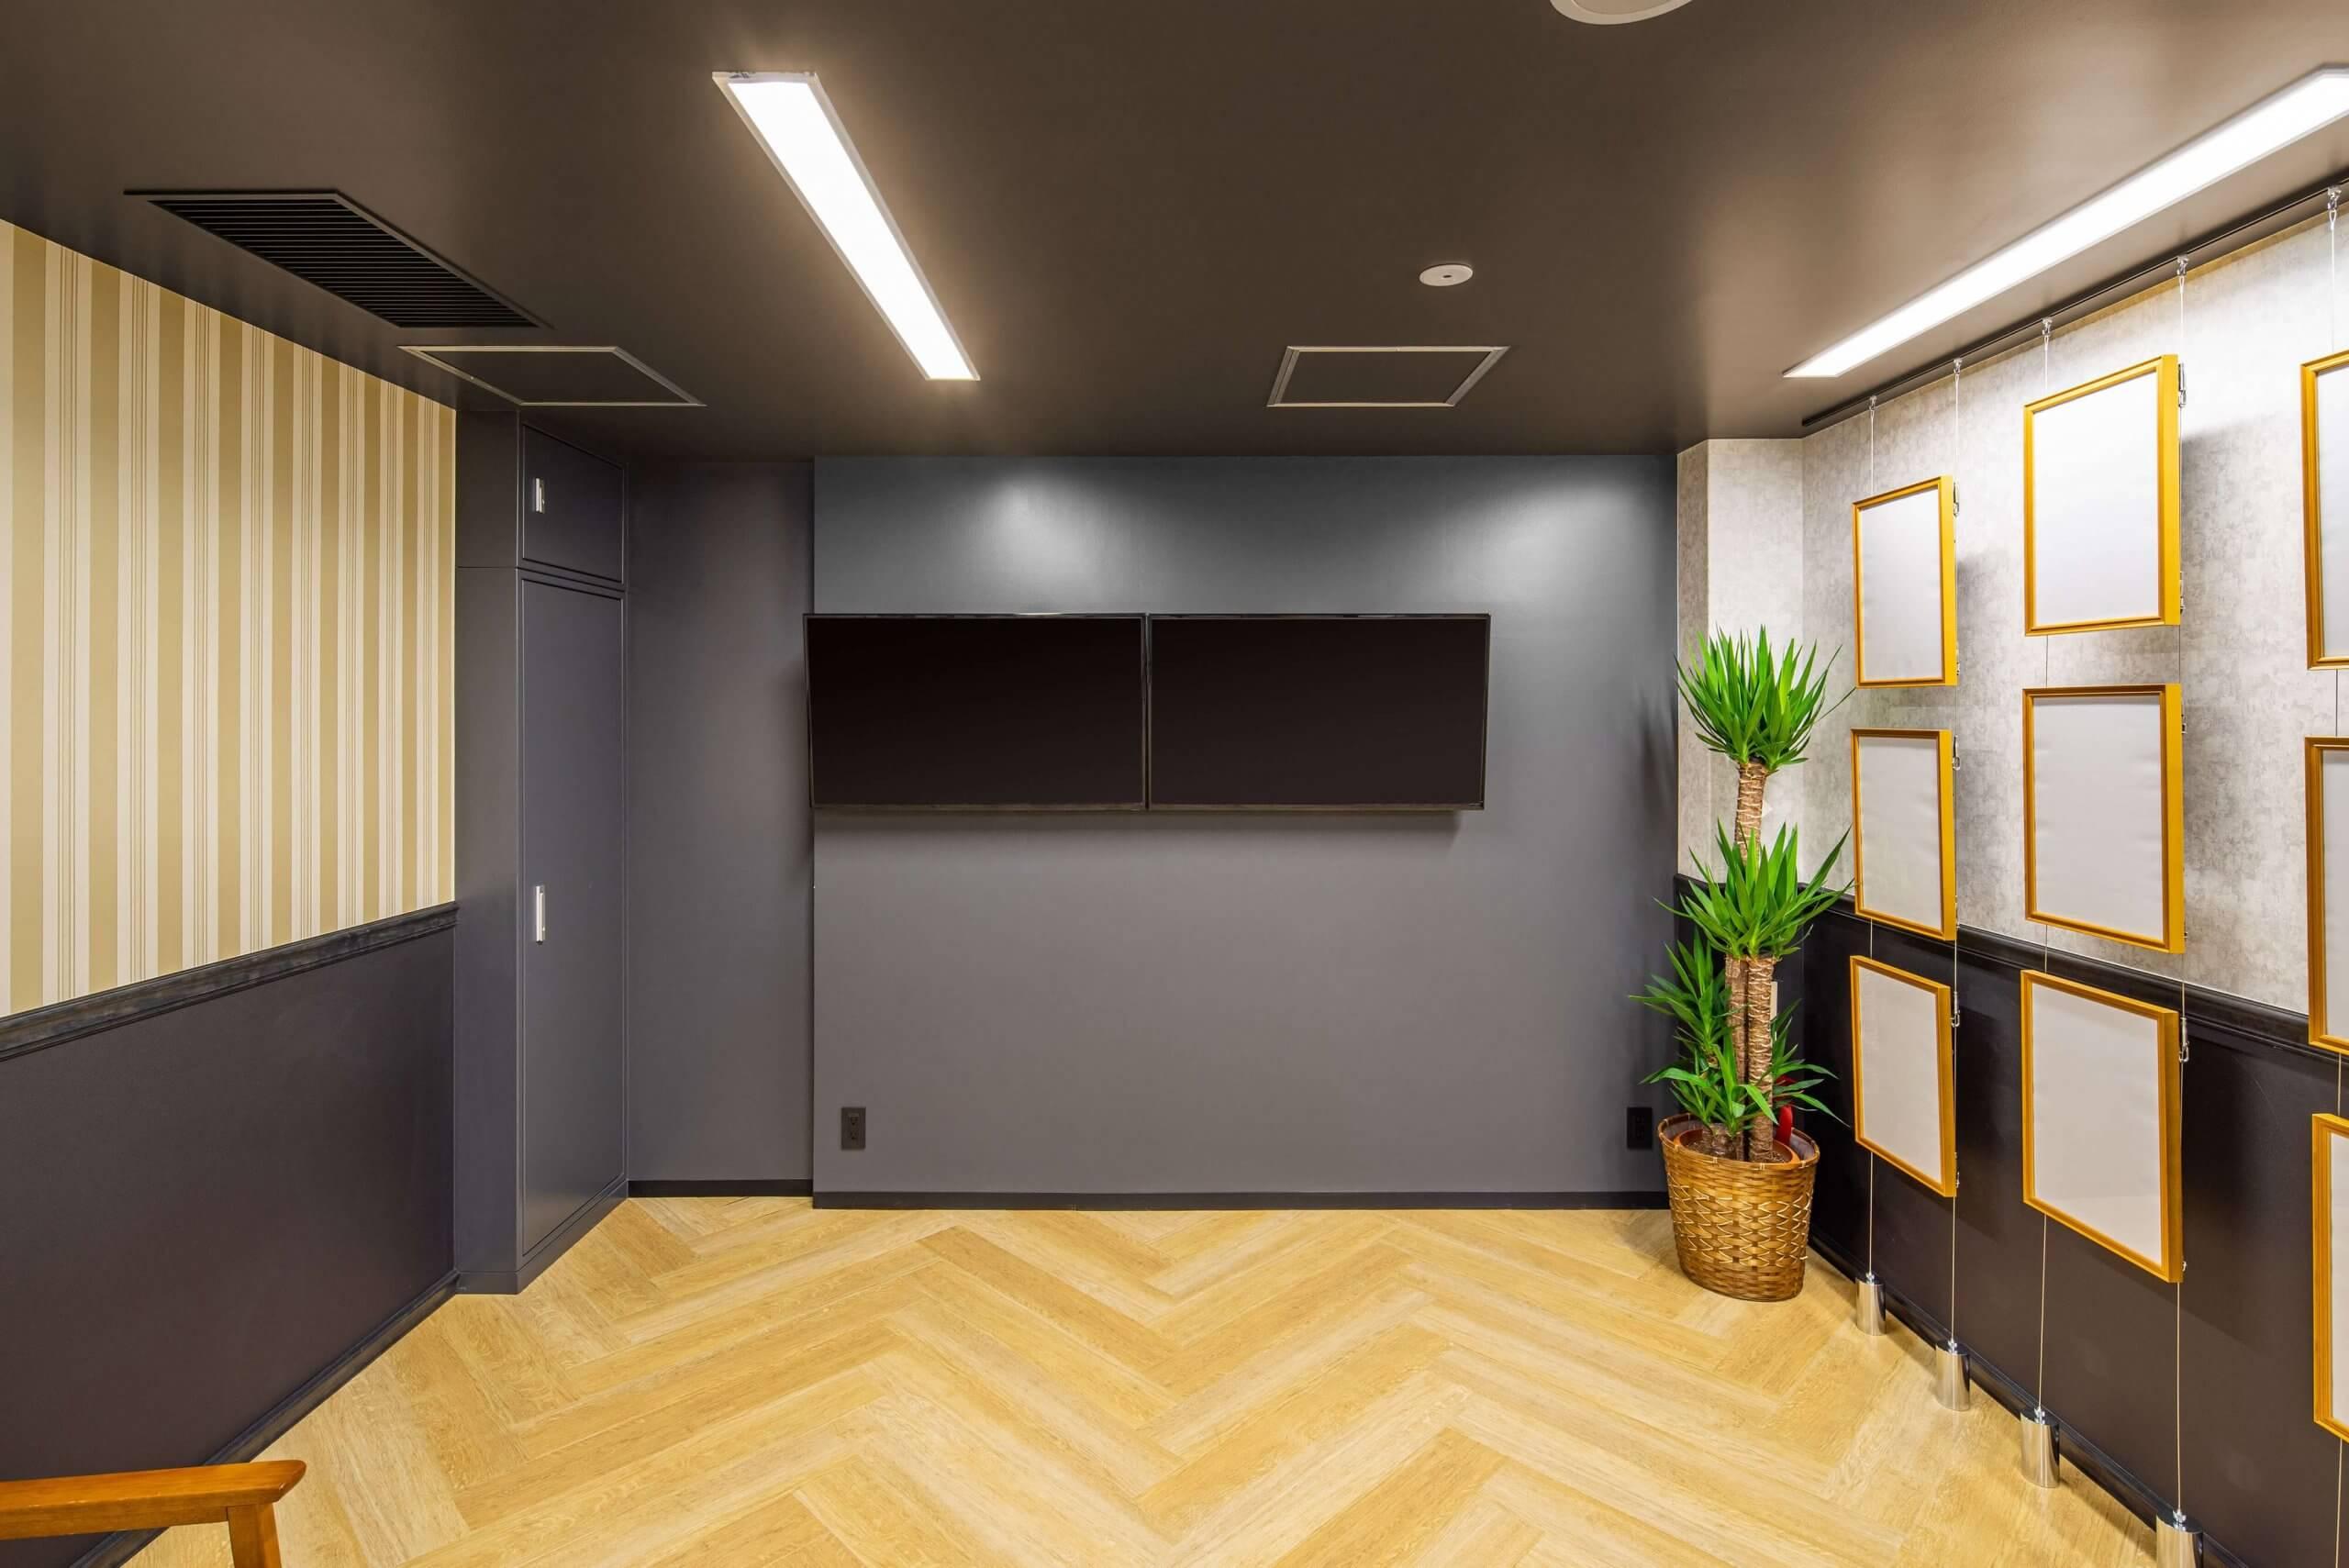 オフィスデザイン事例|AWL株式会社_3